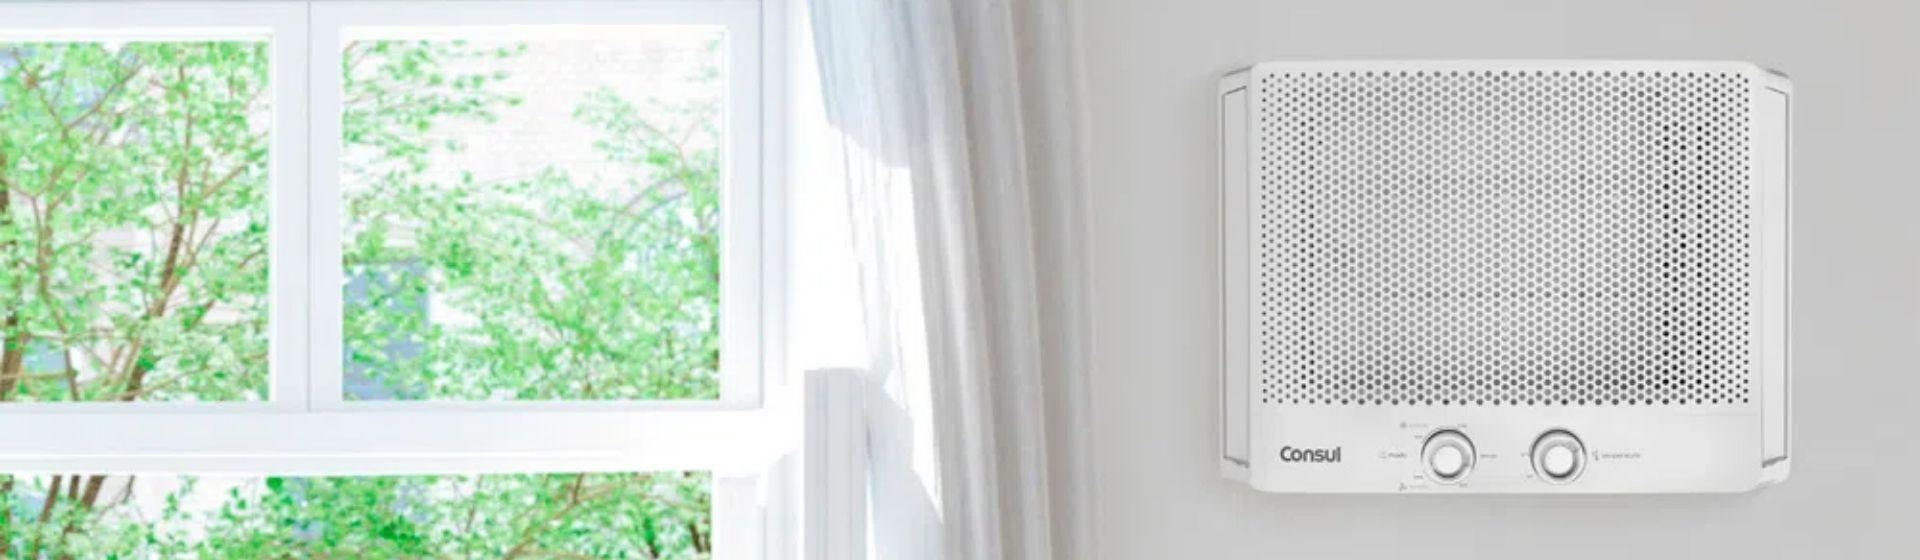 Como limpar ar-condicionado de janela?